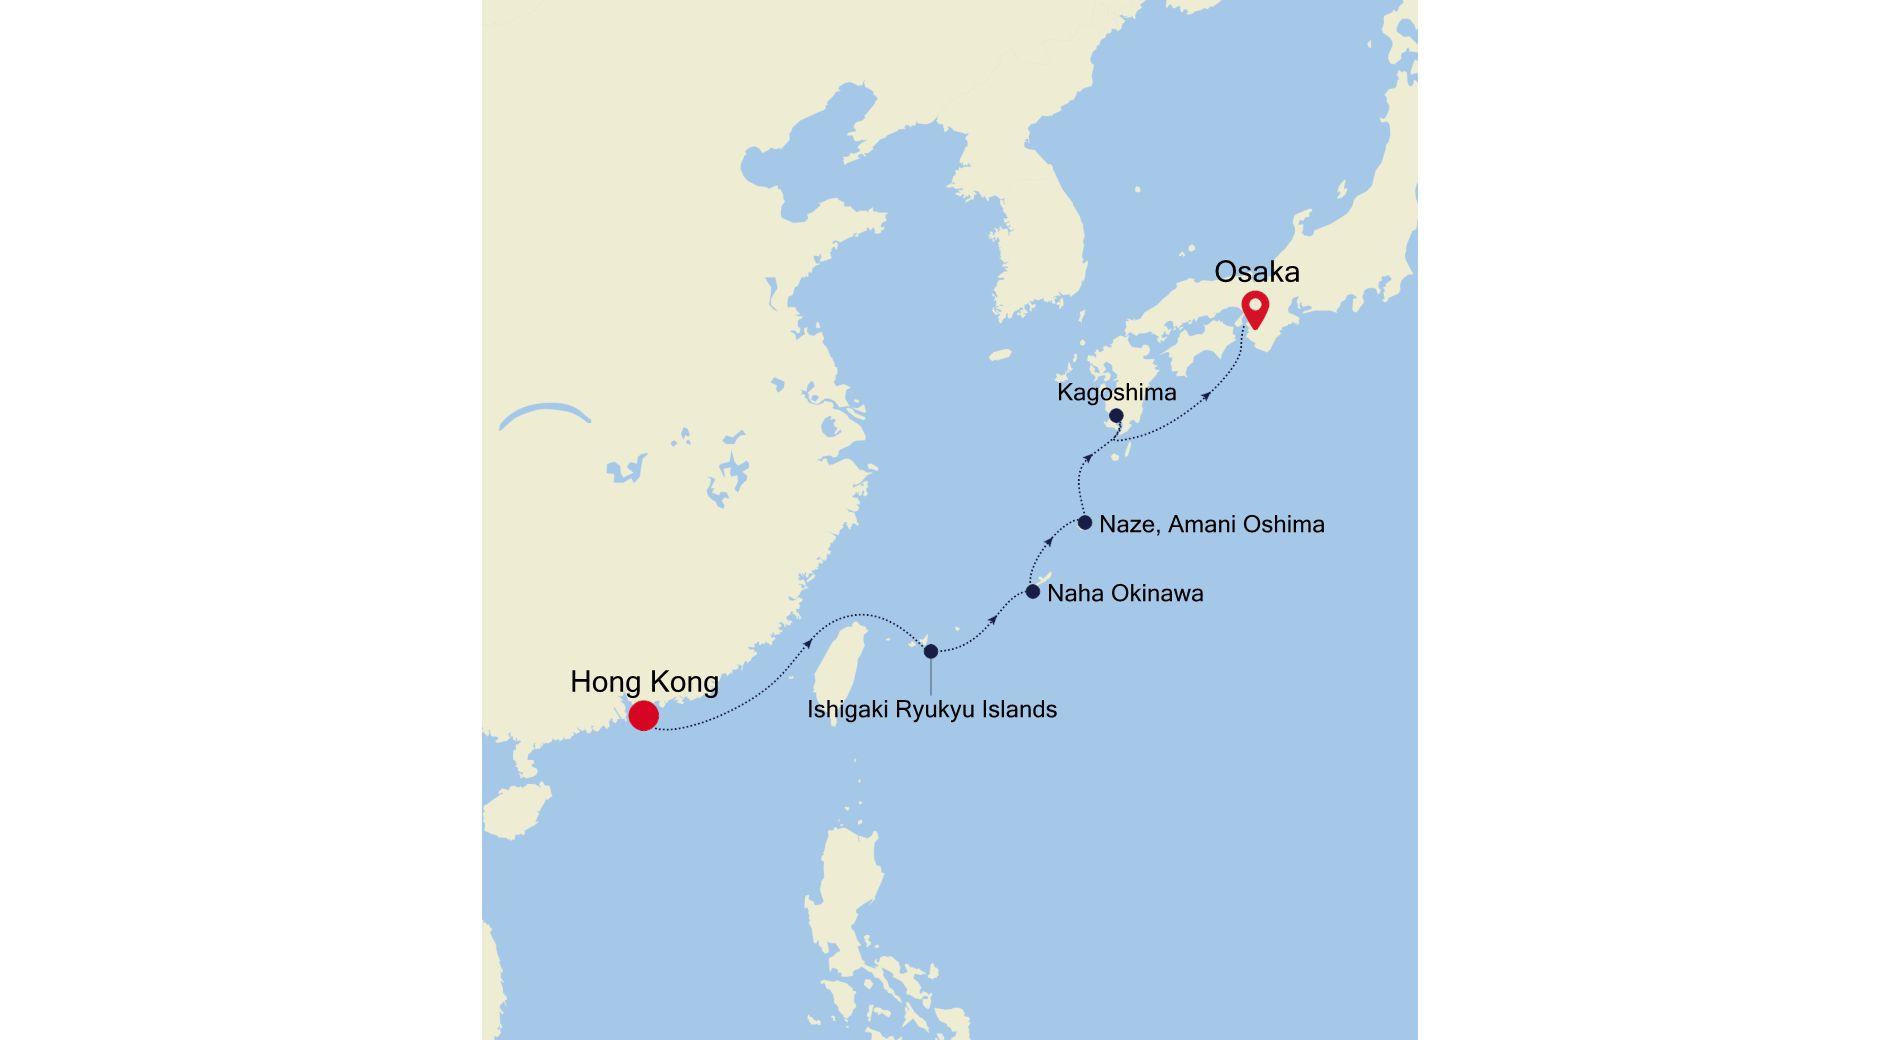 SL210209S07 - Hong Kong to Osaka